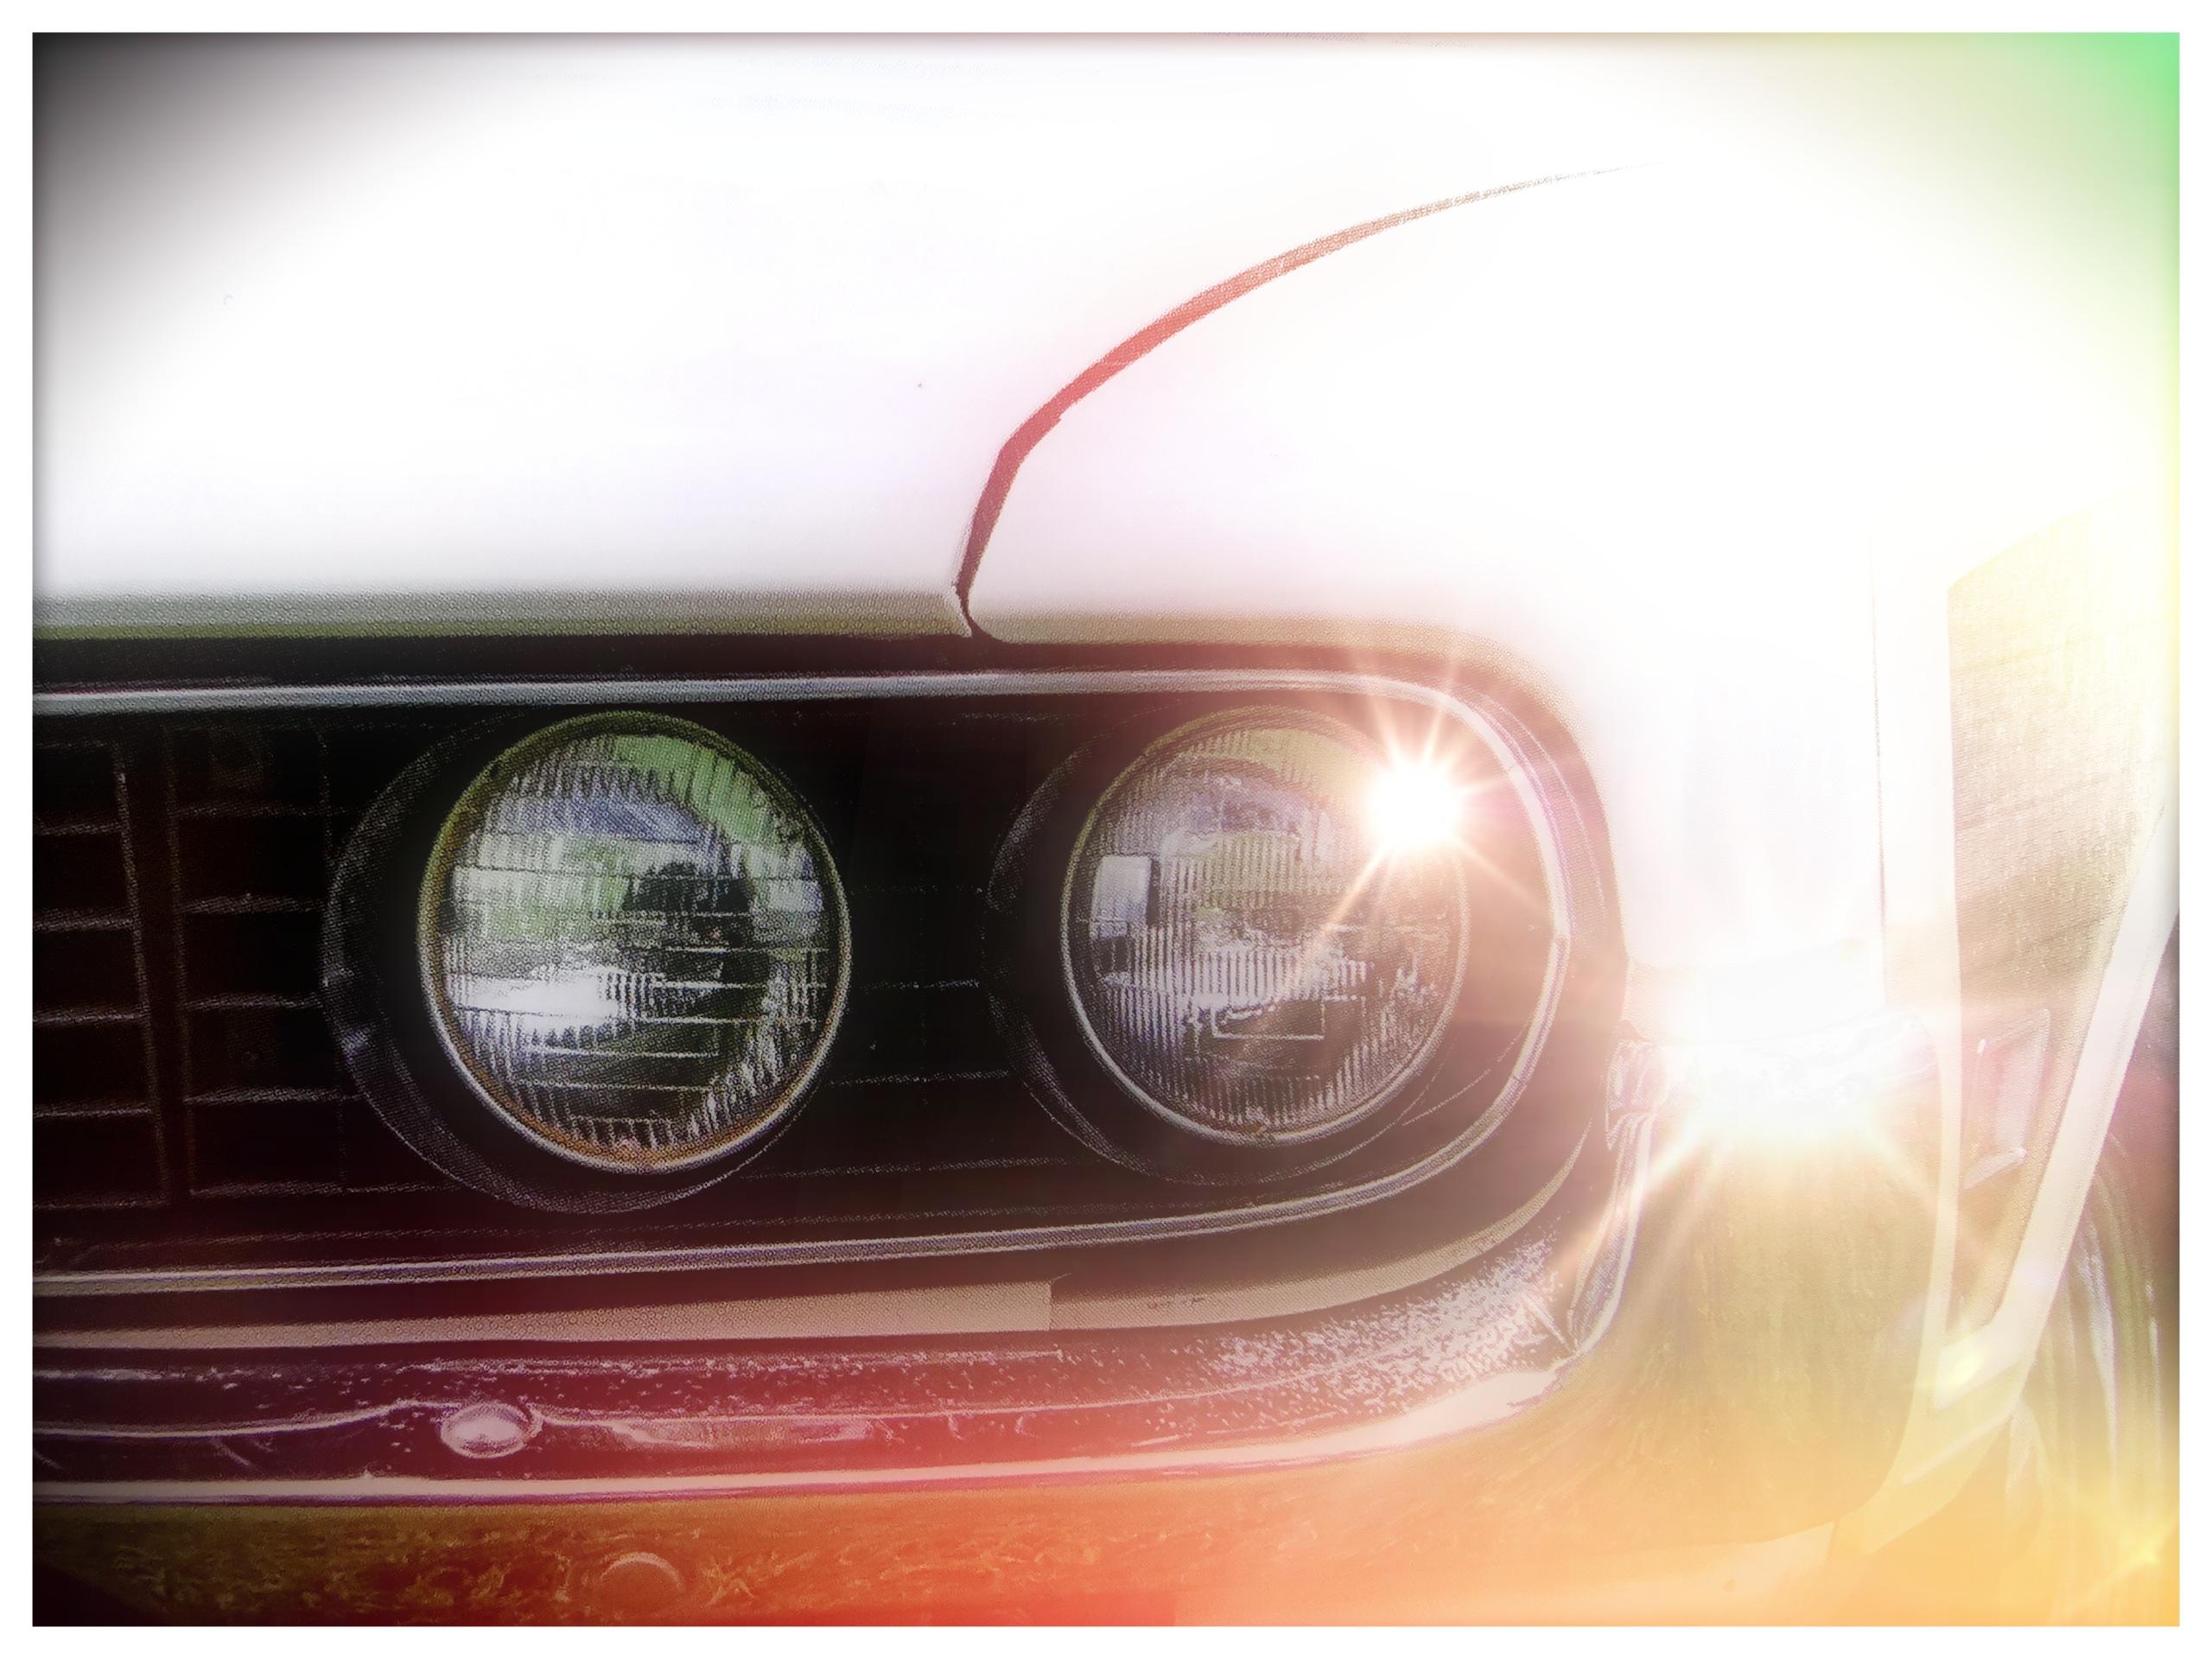 Autoreinigung, so geht man mit dem richtigen Equipment bei der Fahrzeugpflege vor